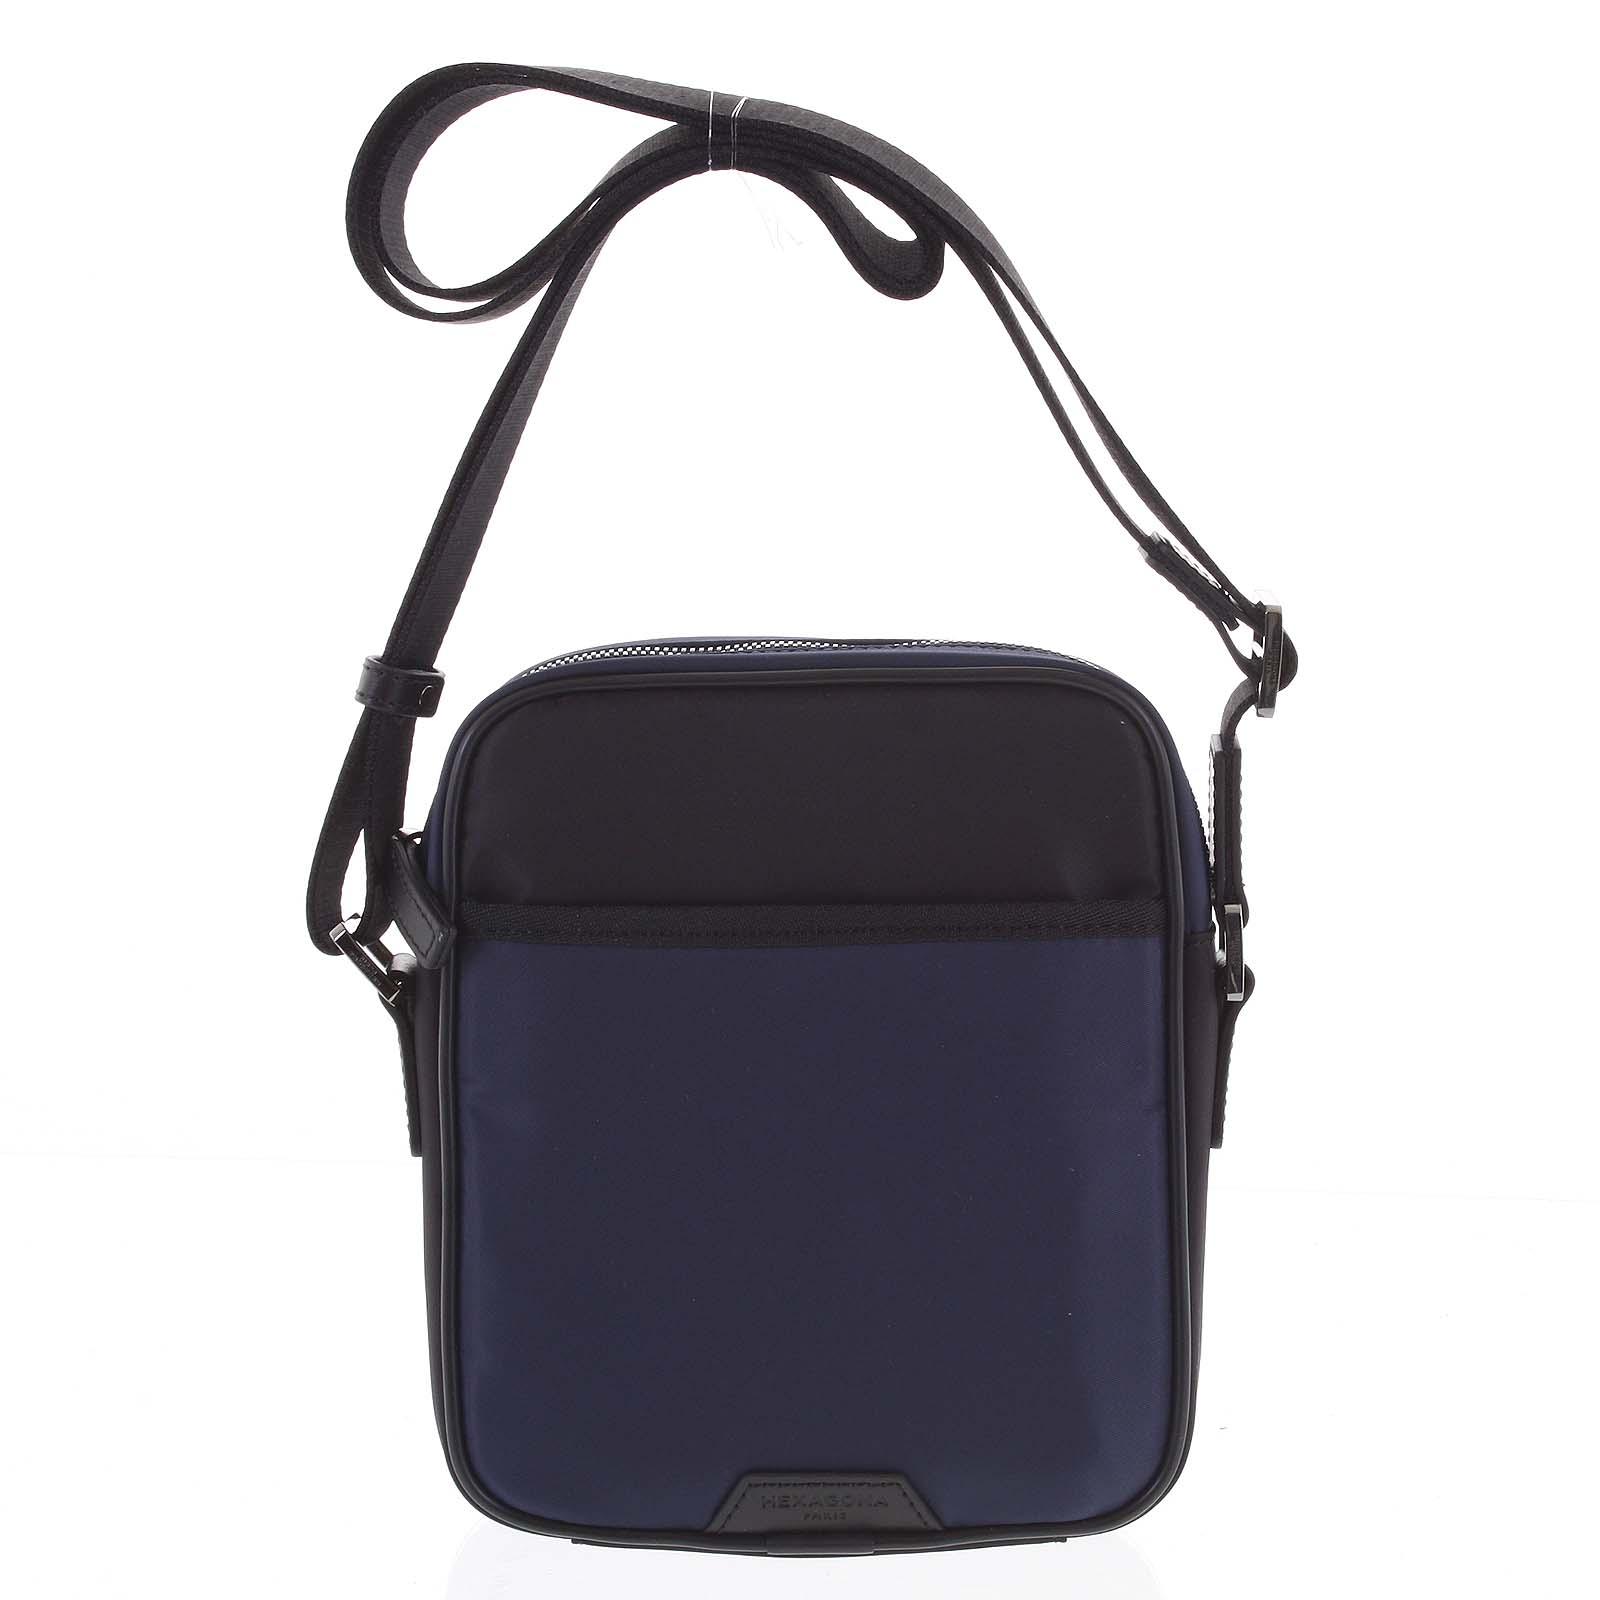 Pánska crossbody taška modro čierna - Hexagona Aquino